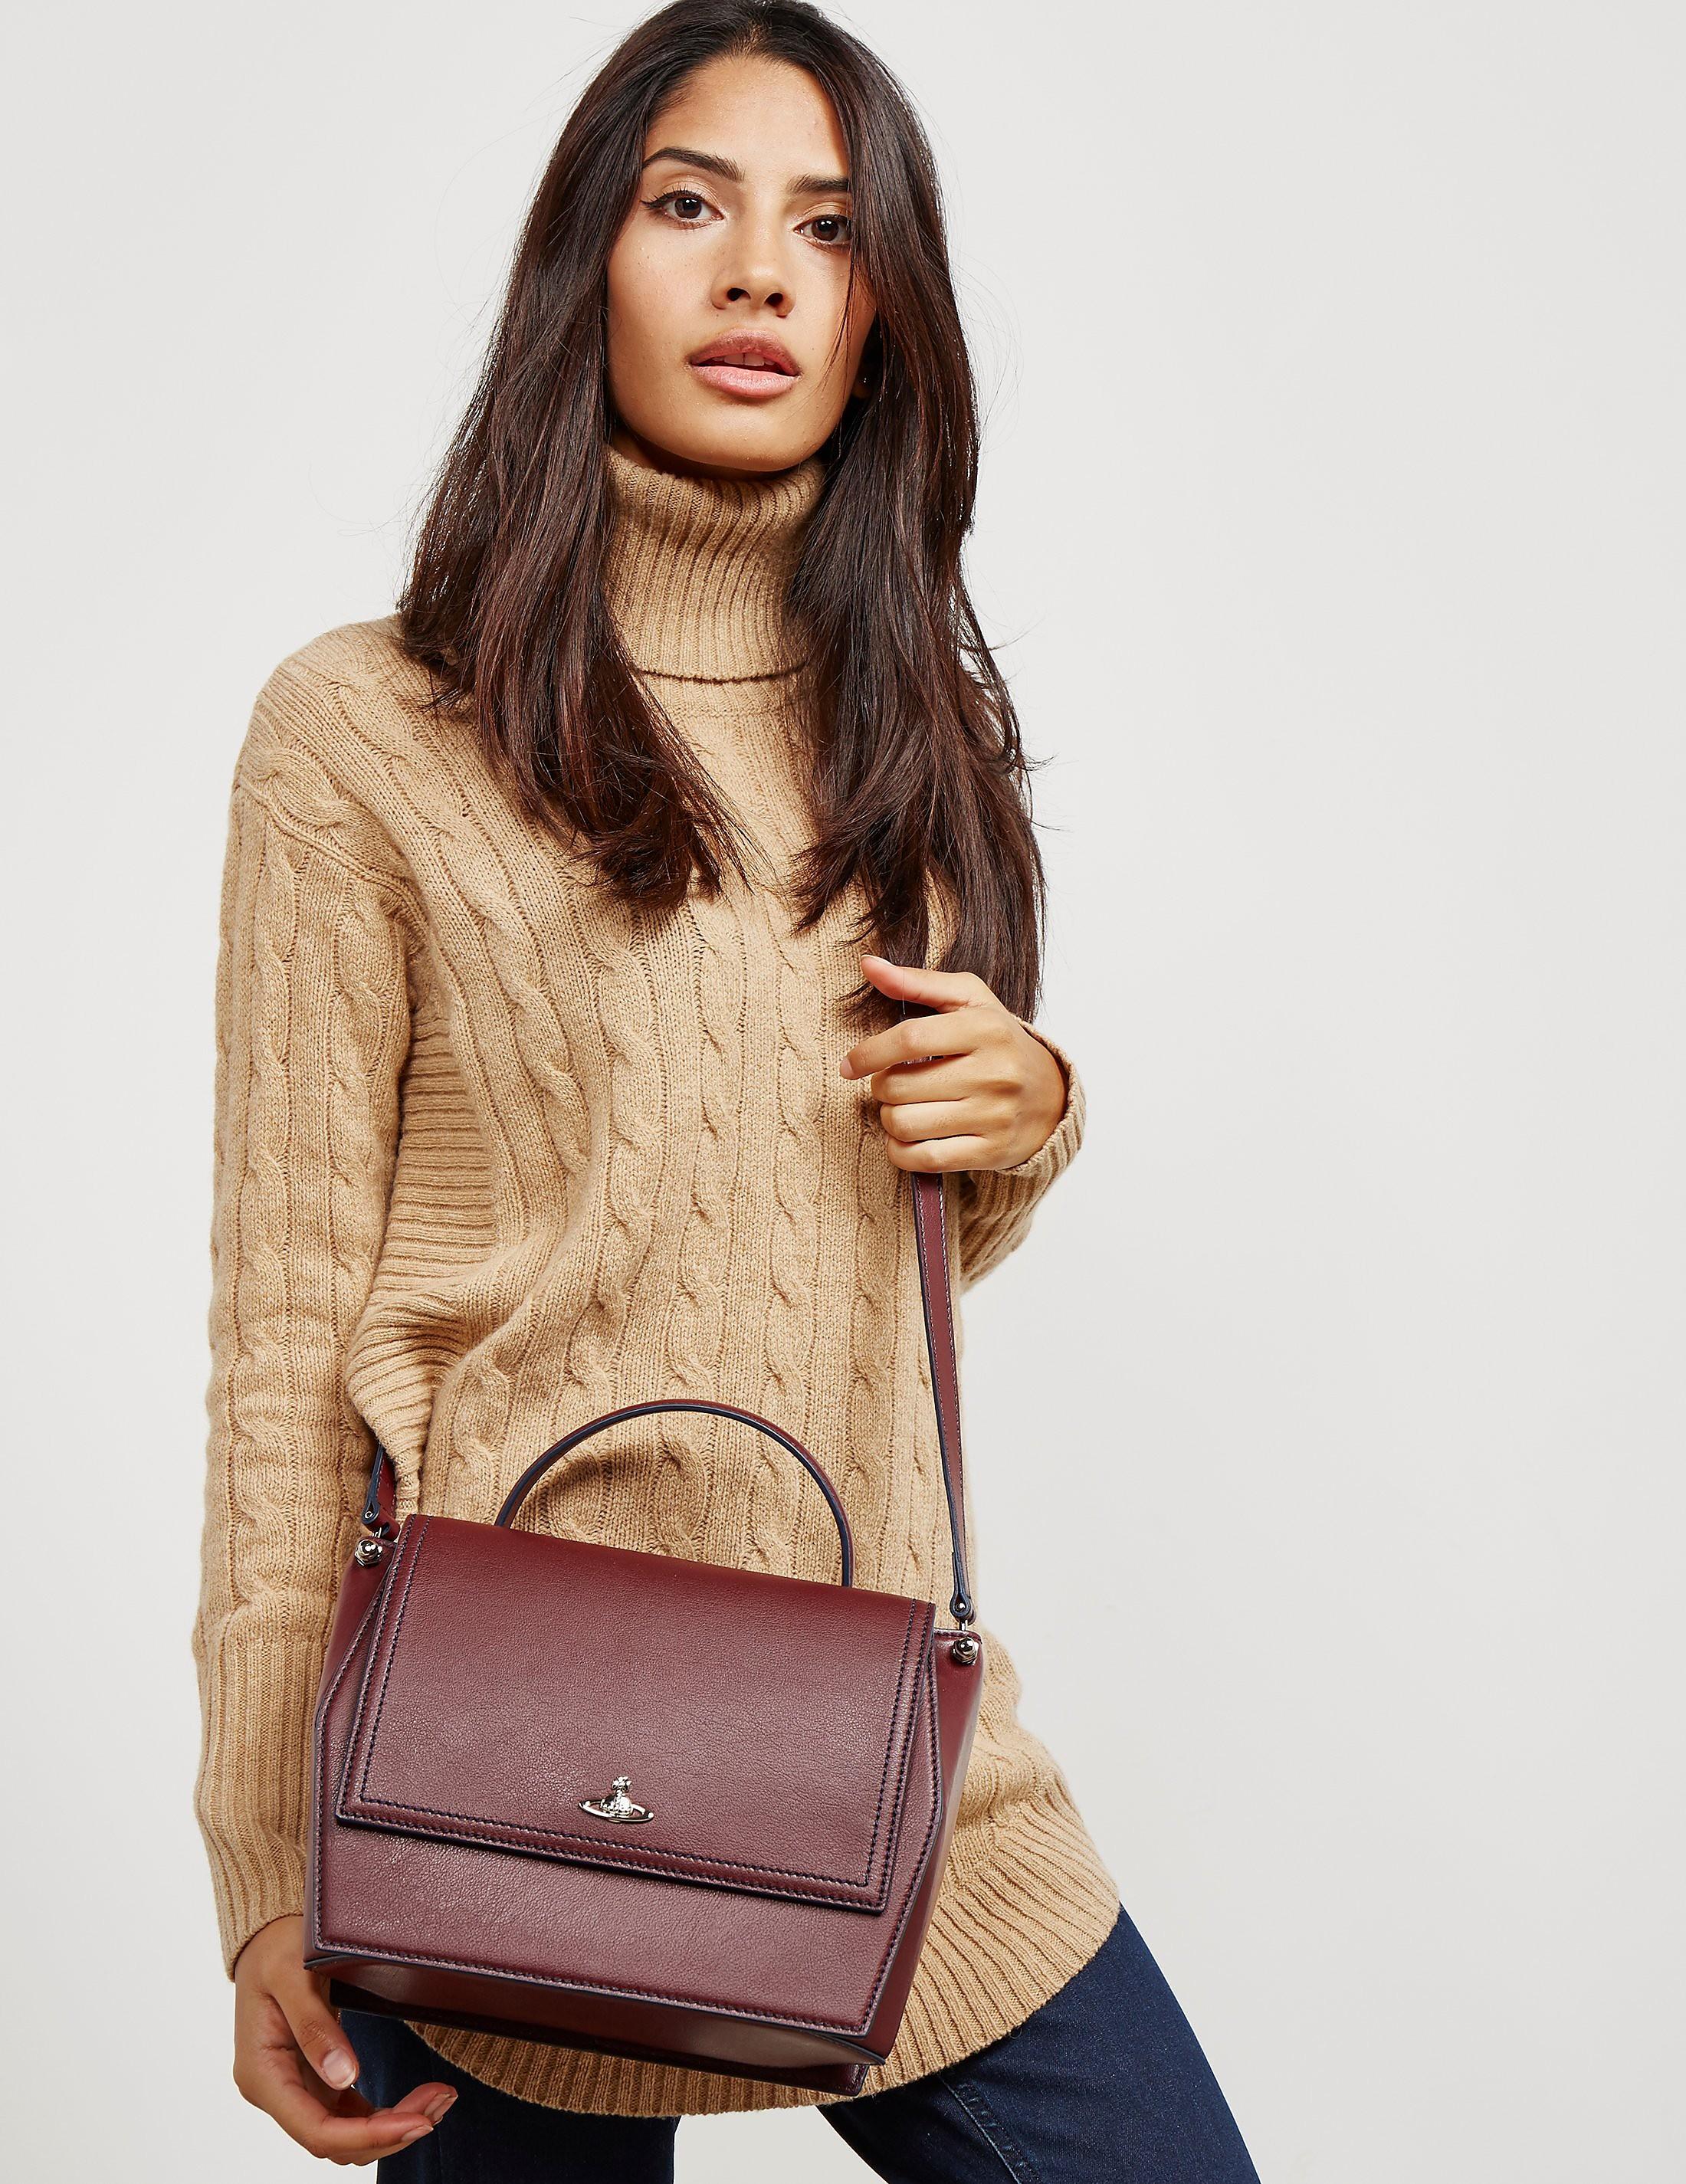 Vivienne Westwood Cambridge Bag